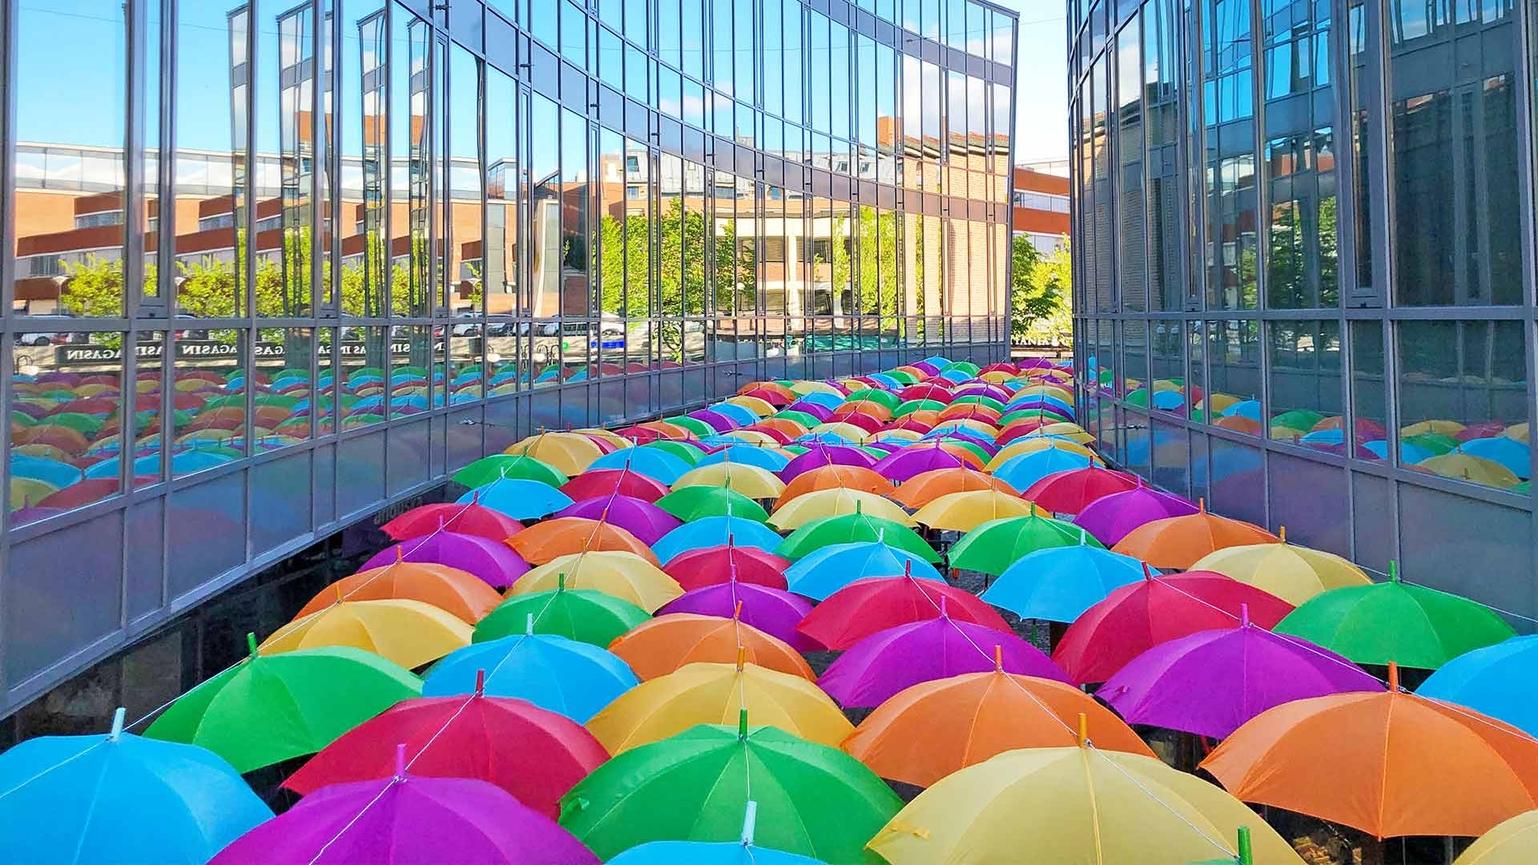 Umbrella Sky Project - Asker'19